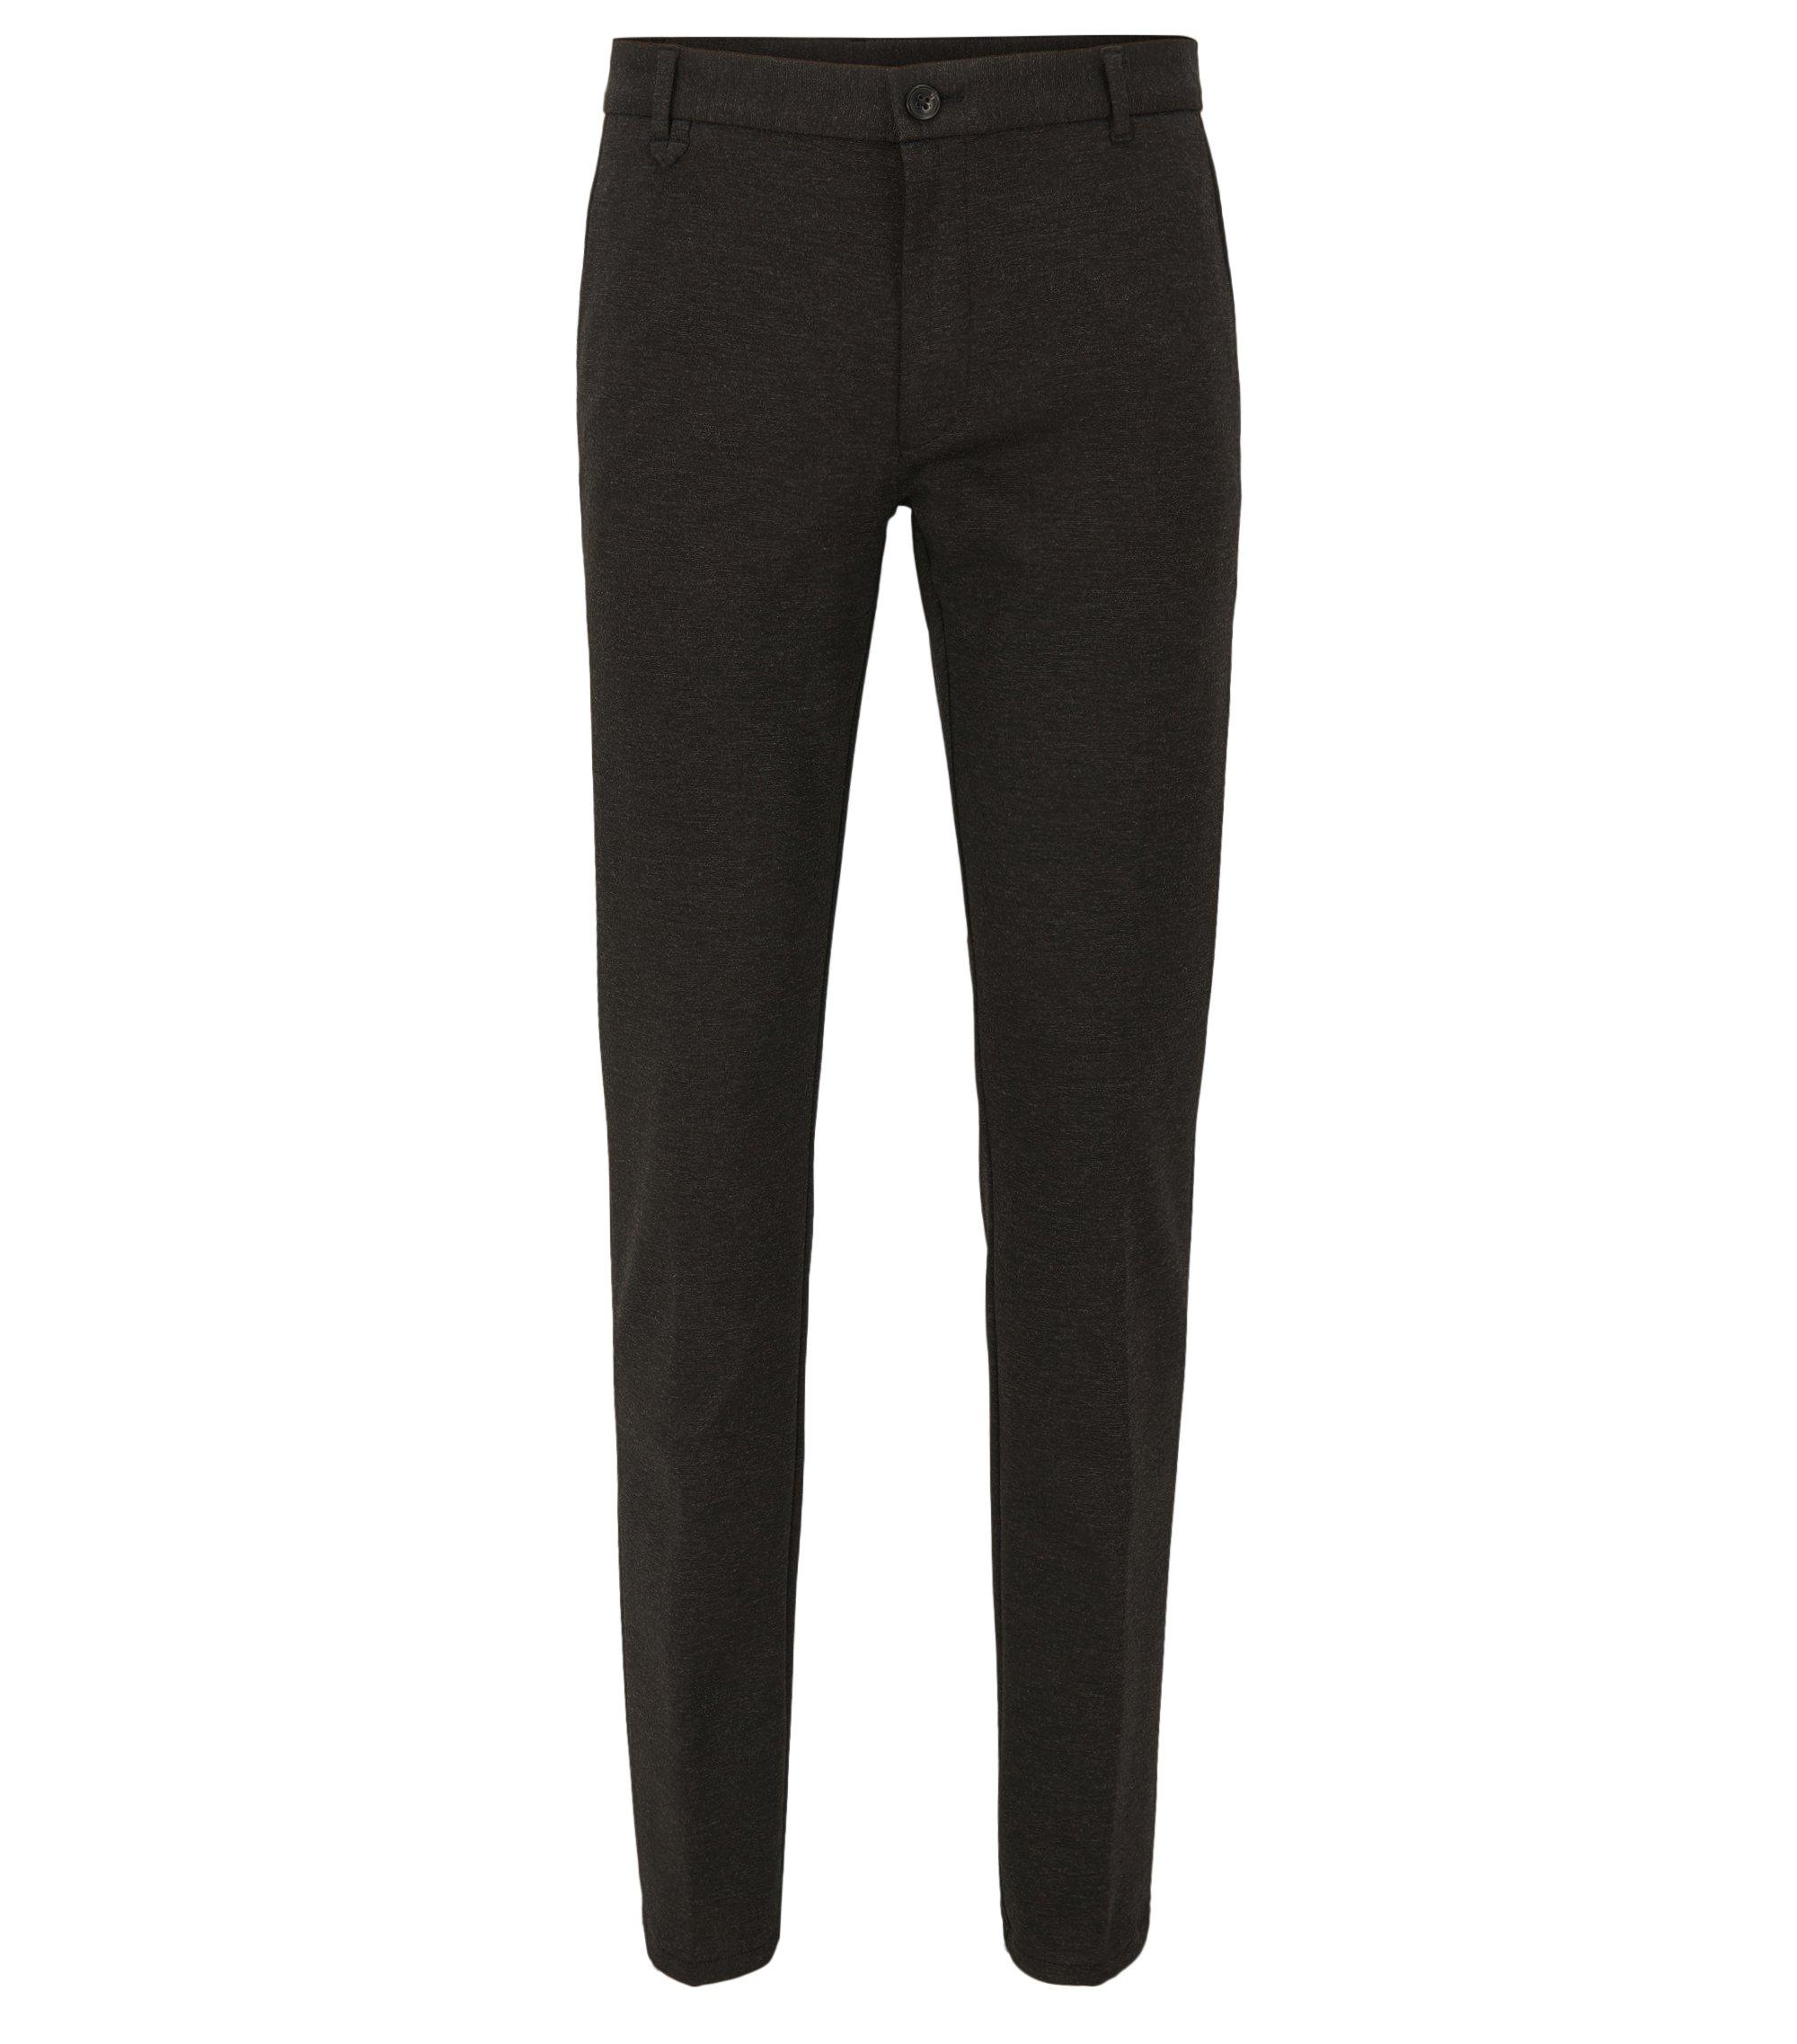 Pantaloni extra slim fit in tessuti tecnici misti elasticizzati, Grigio antracite